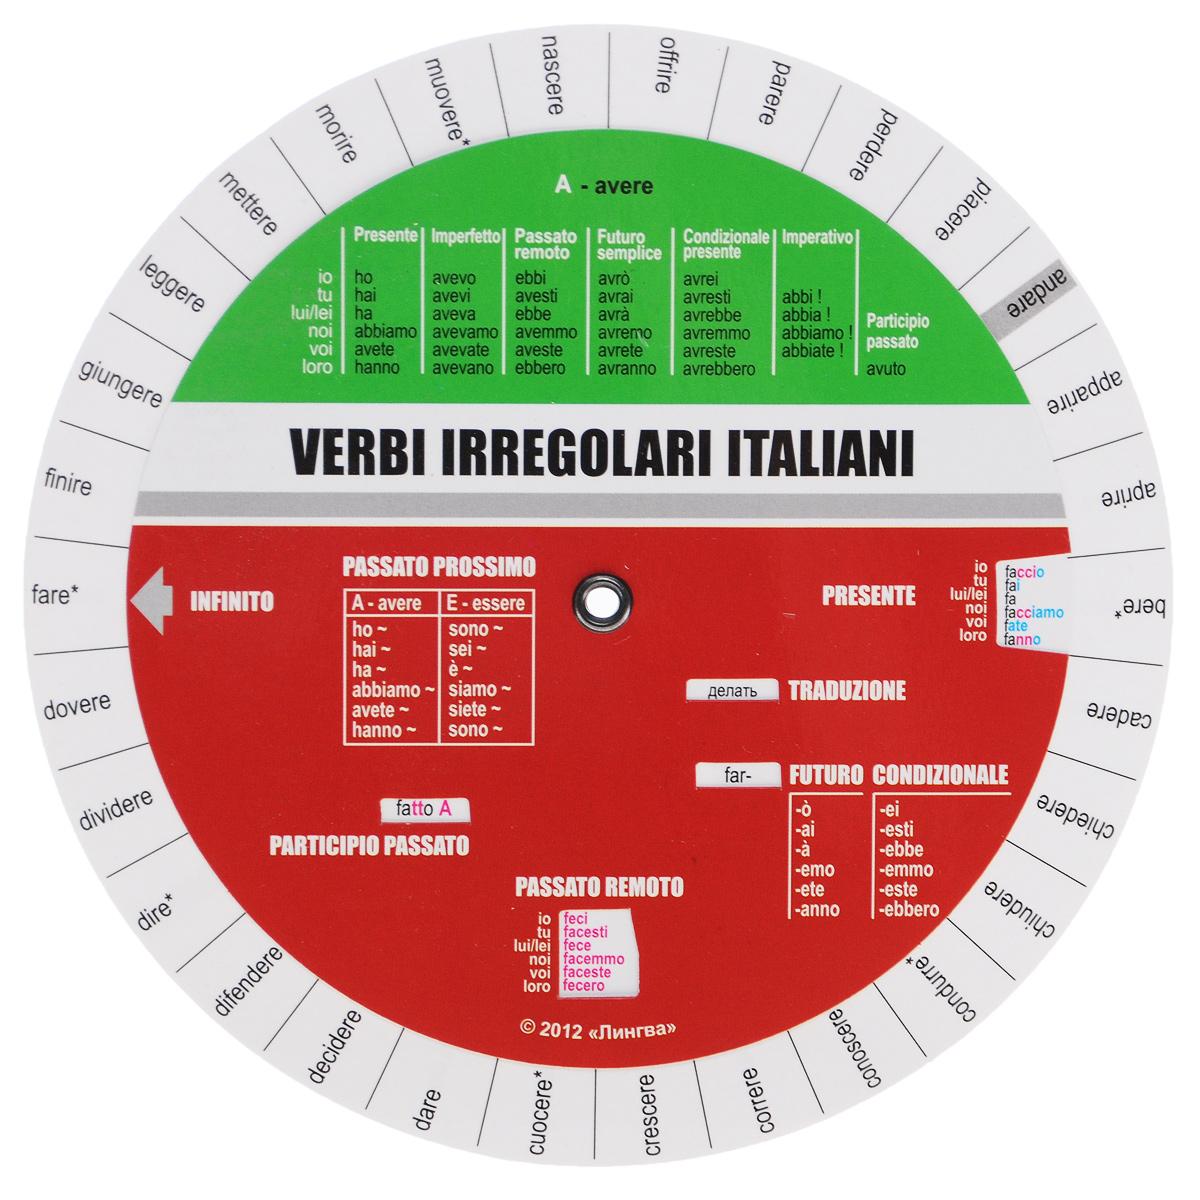 Verbi irregolari Italiani / Итальянские неправильные глаголы. Таблица карточки итальянский язык тематические карточки для запоминания слов